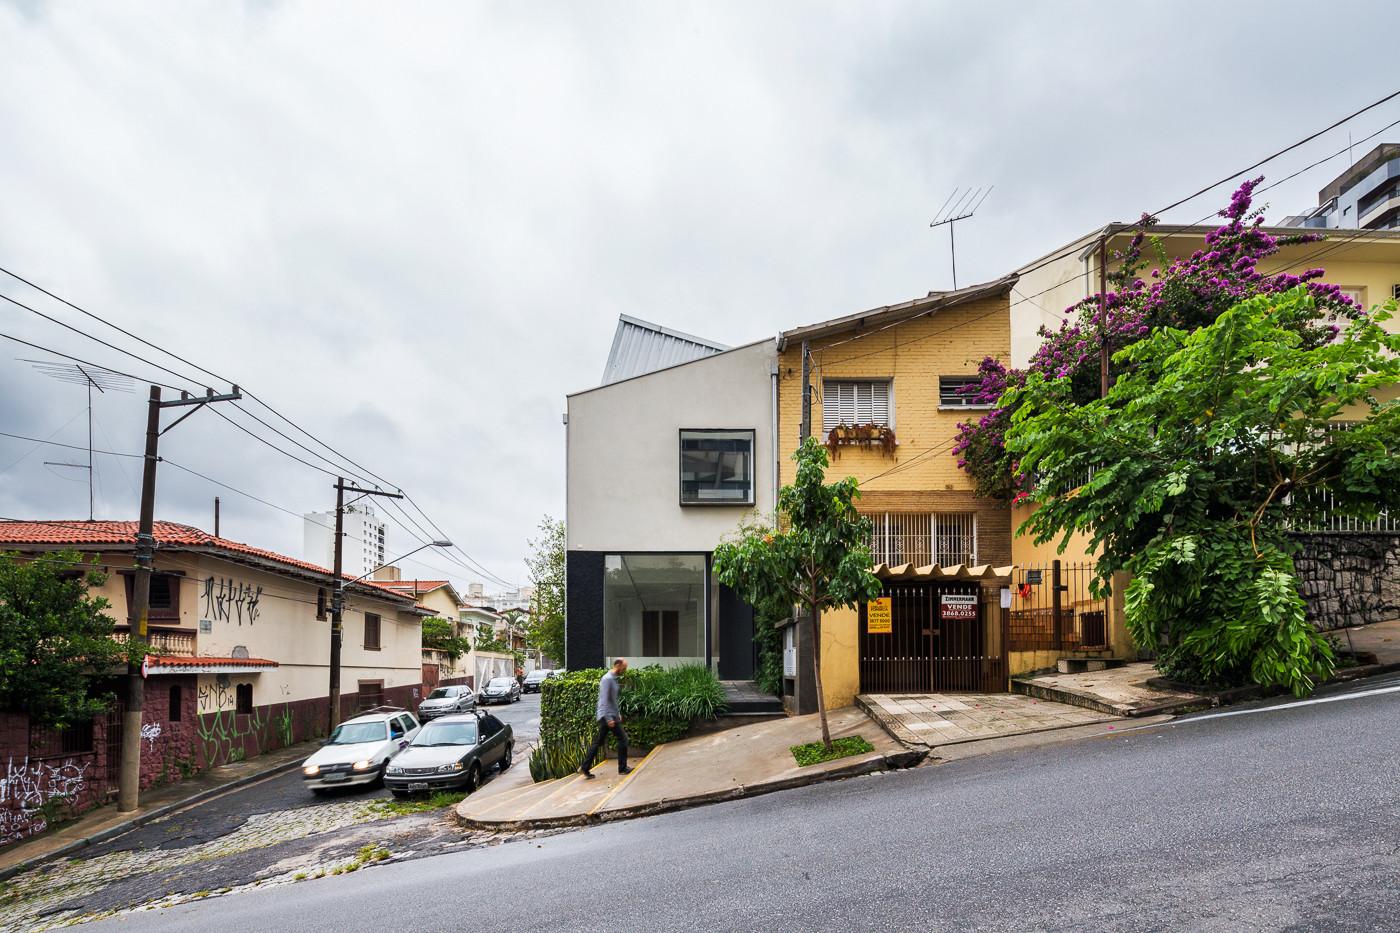 Gabinete 857 / GOarquitetos, © Ana Mello